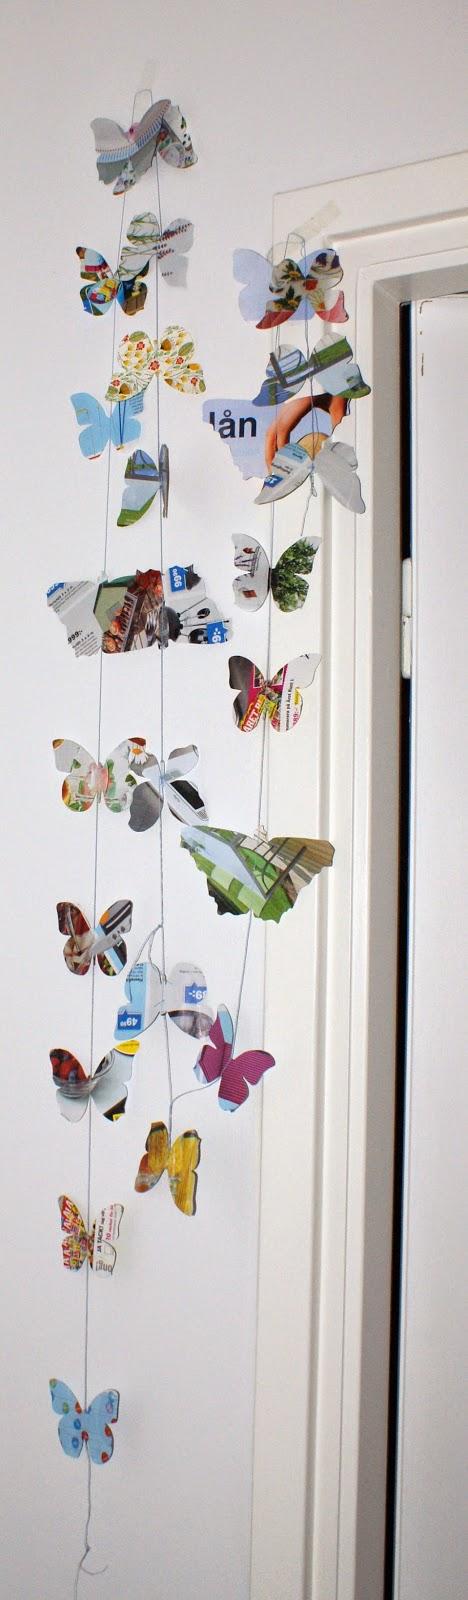 365 kreativa idéer: Fjärilsgirlang